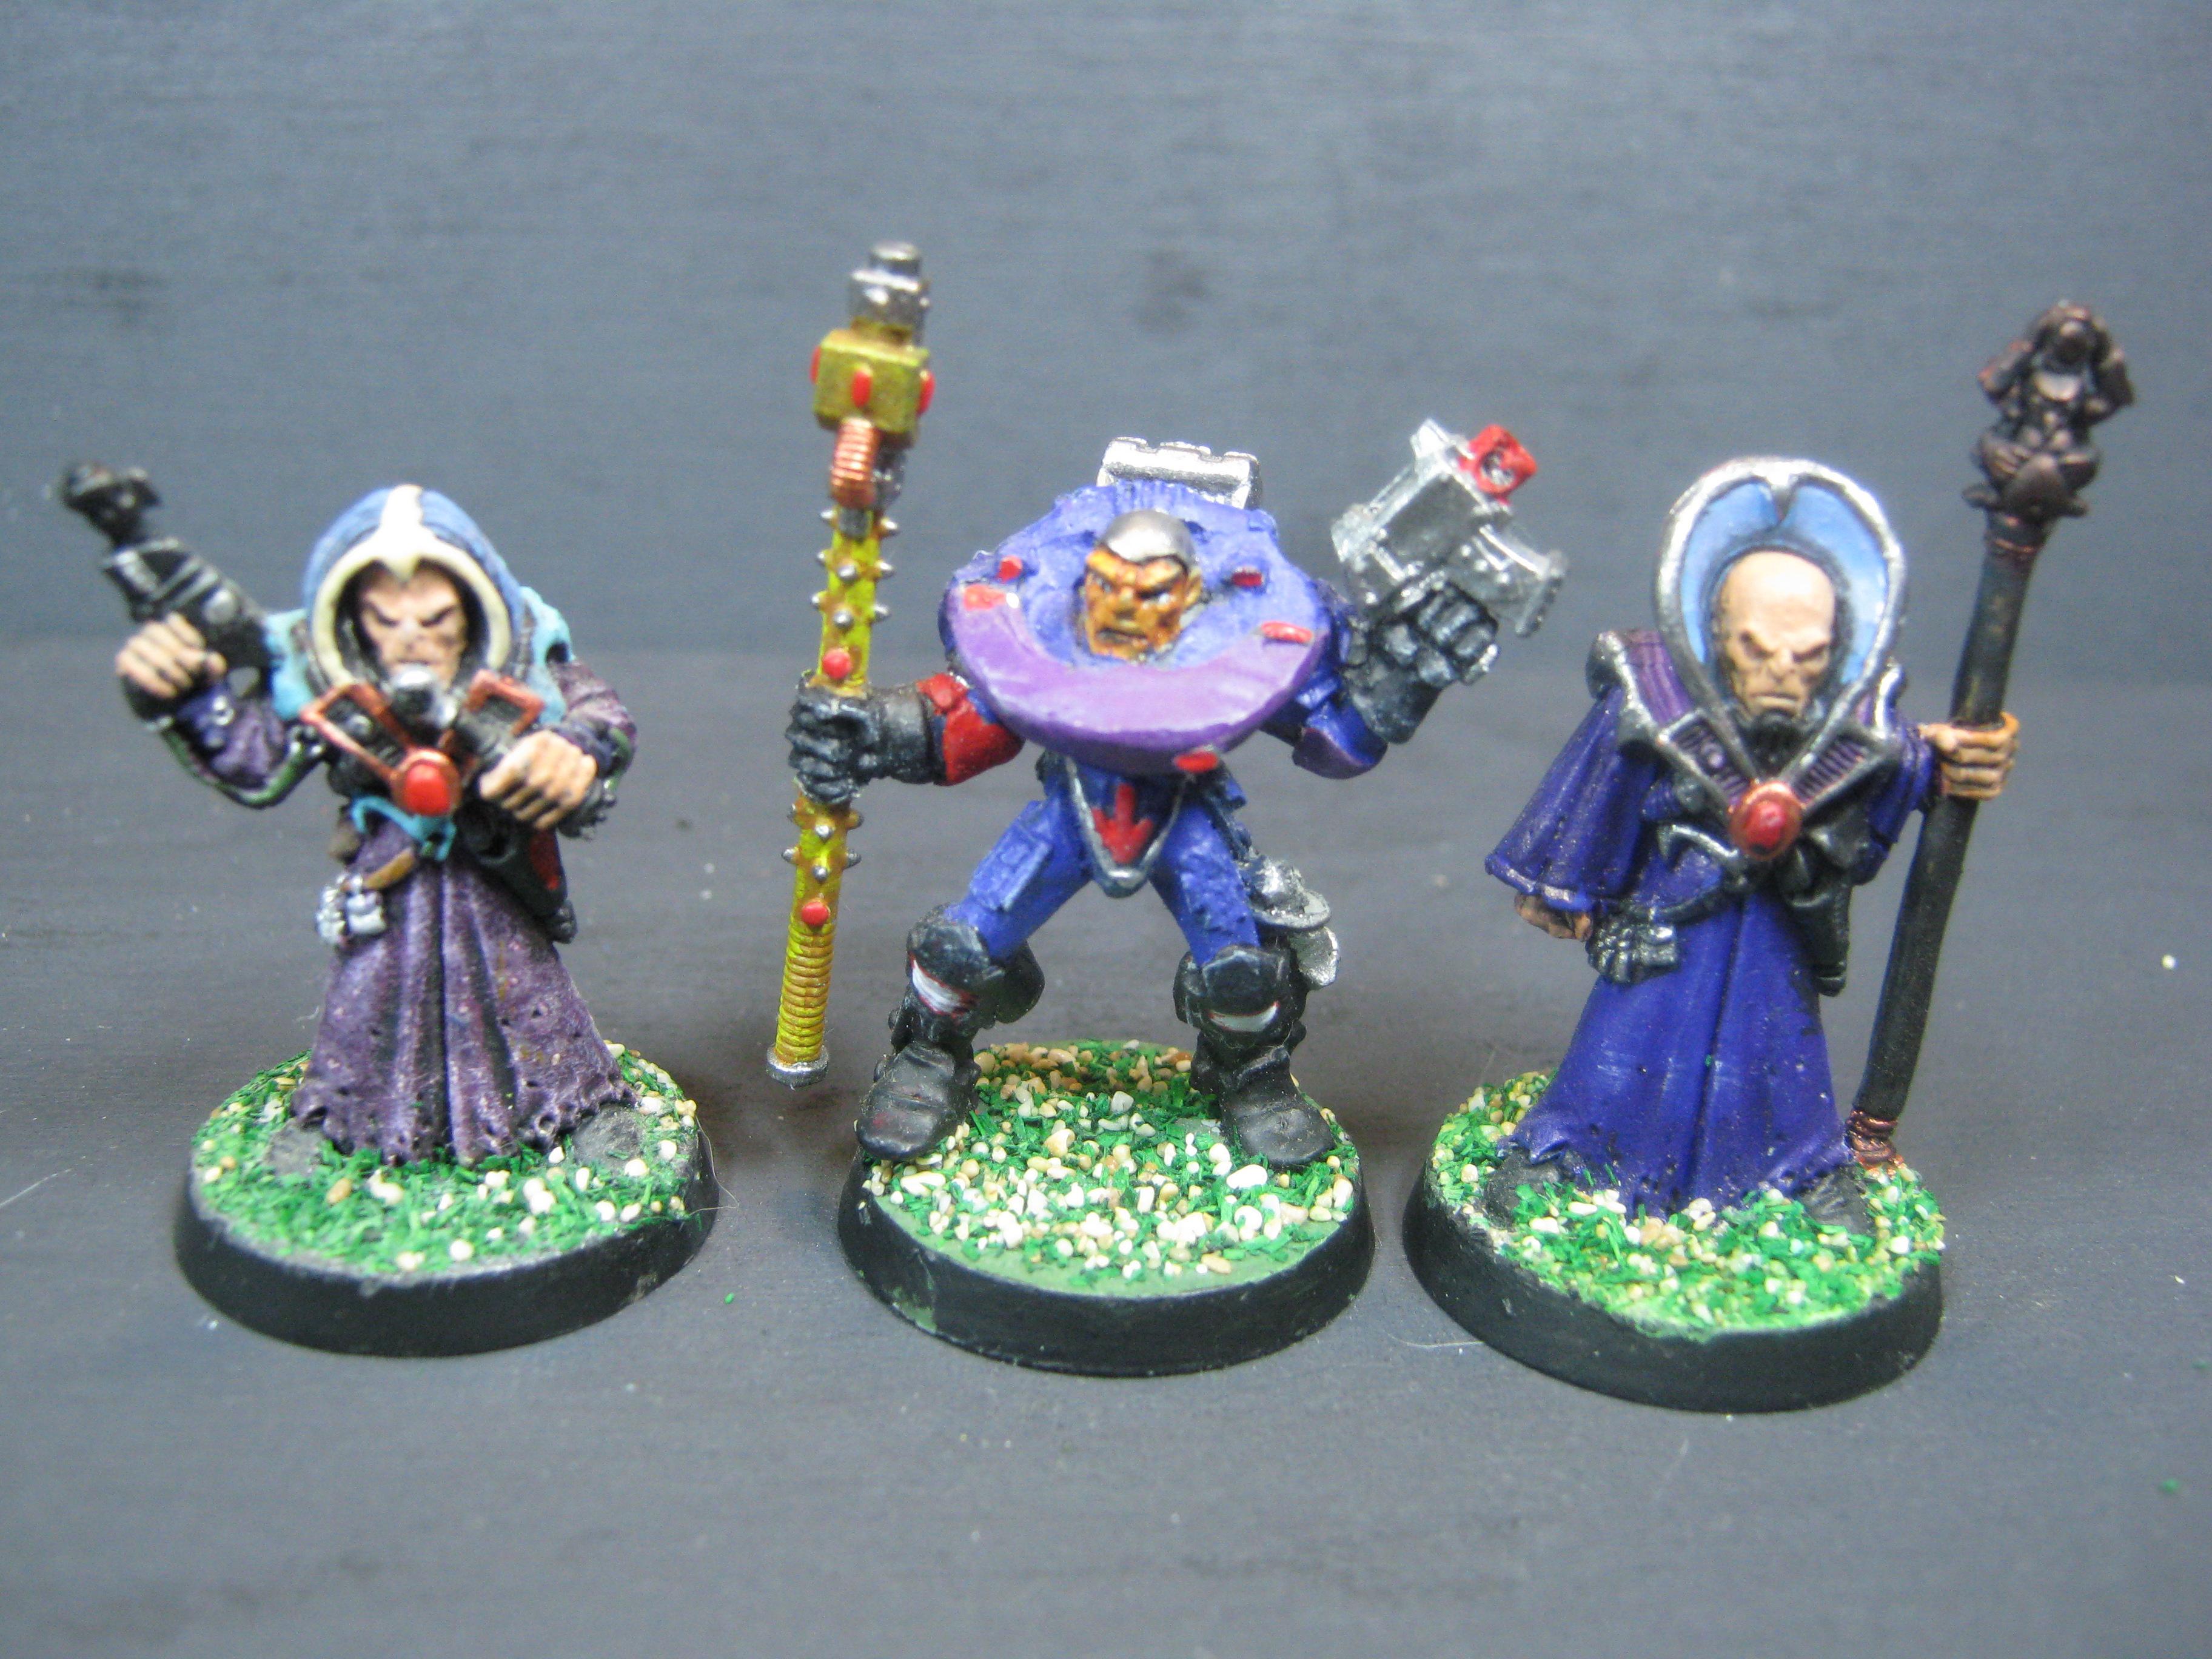 Genestealer Cult, Magos, Mutant, Psyker